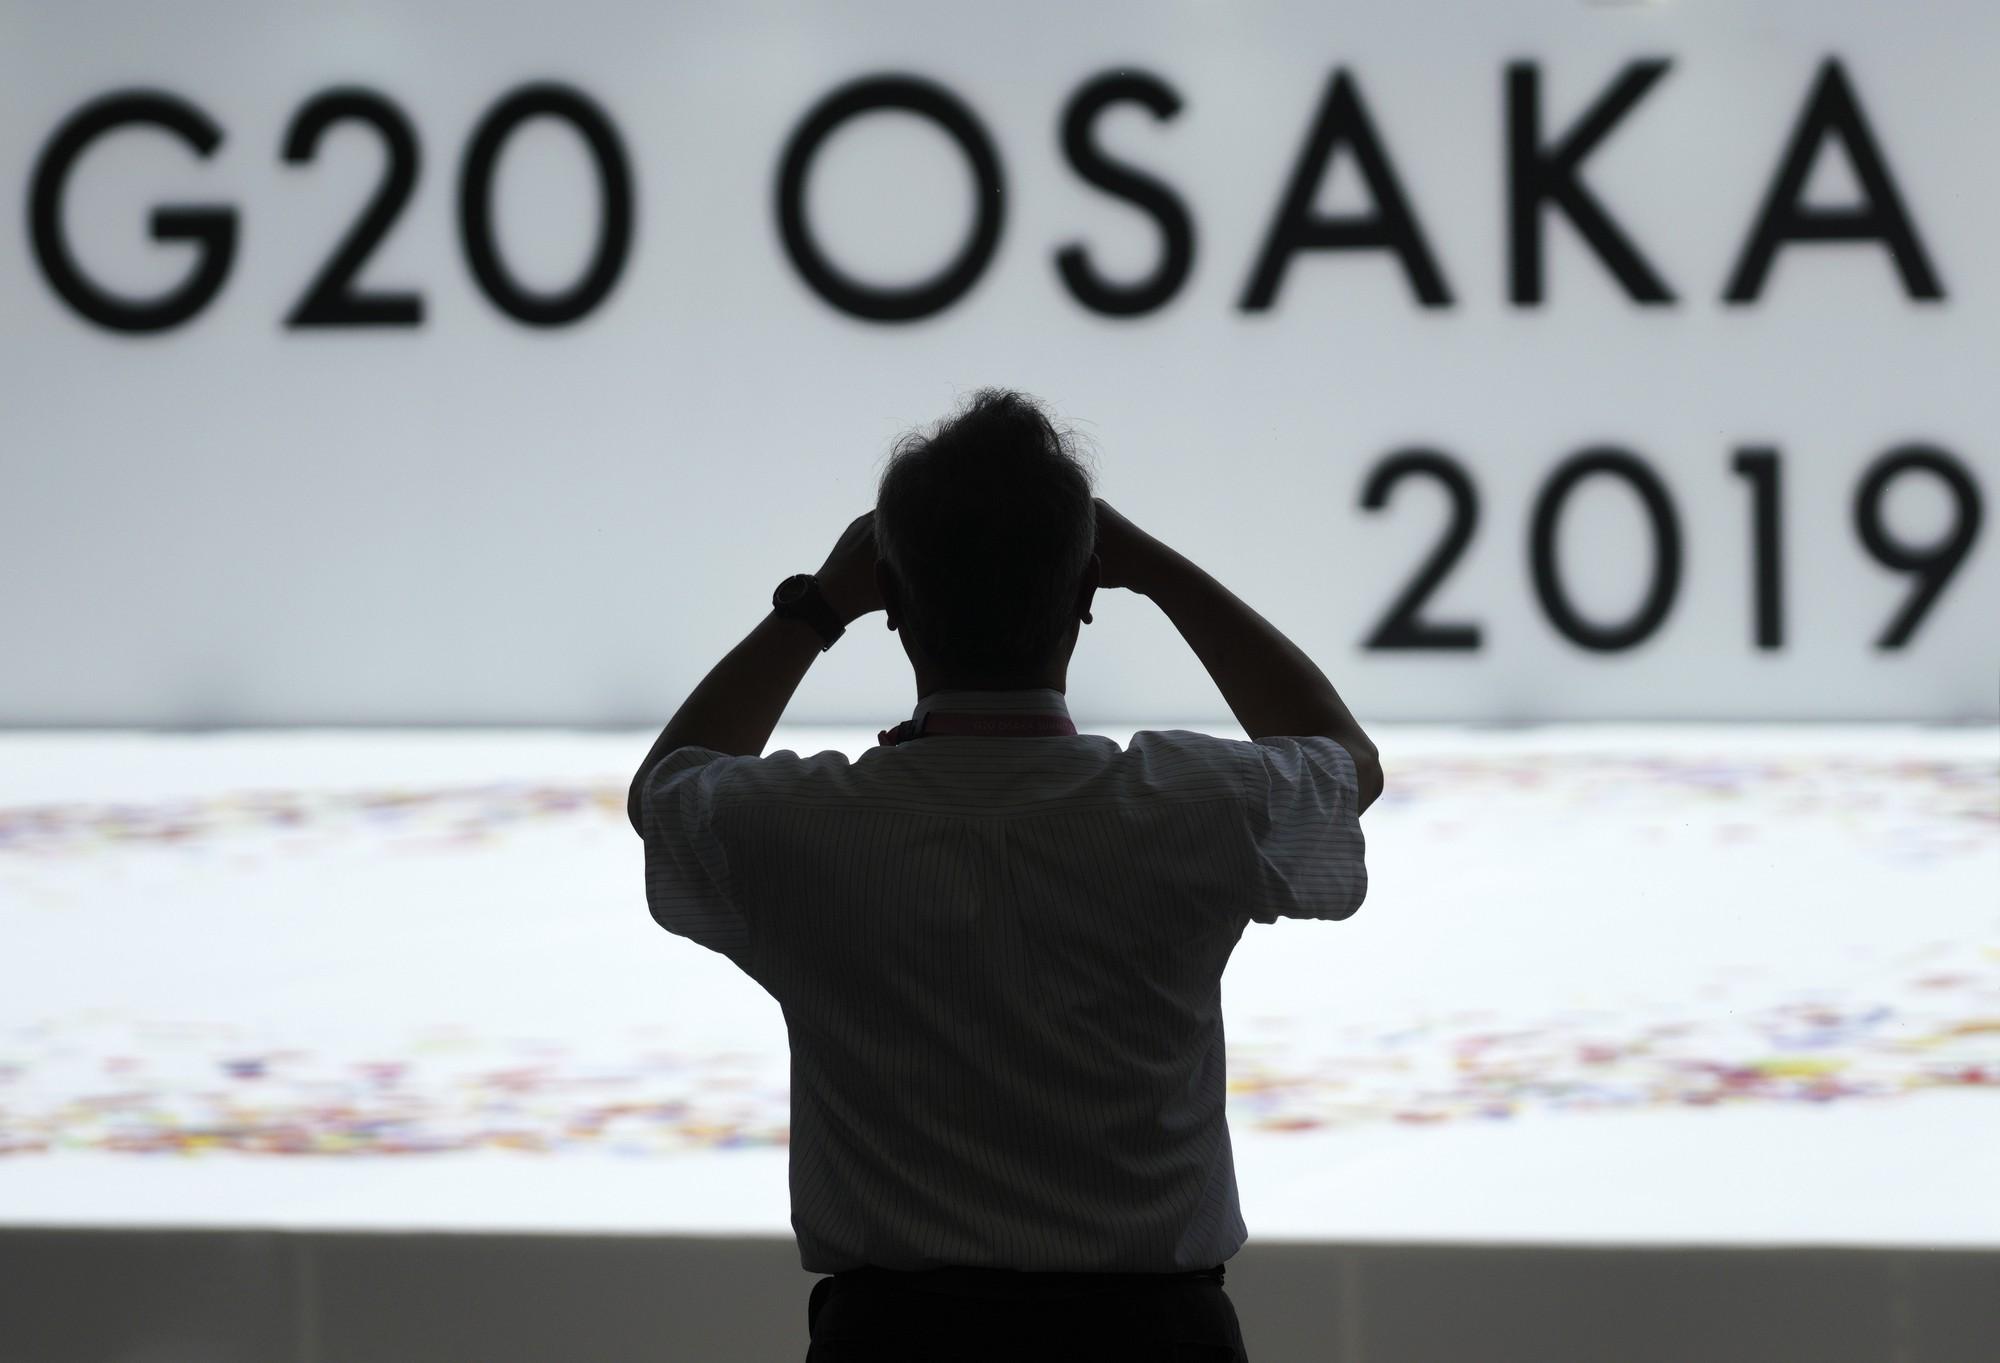 G20 Osaka: Cơ hội hóa giải những căng thẳng của thế giới - Ảnh 8.